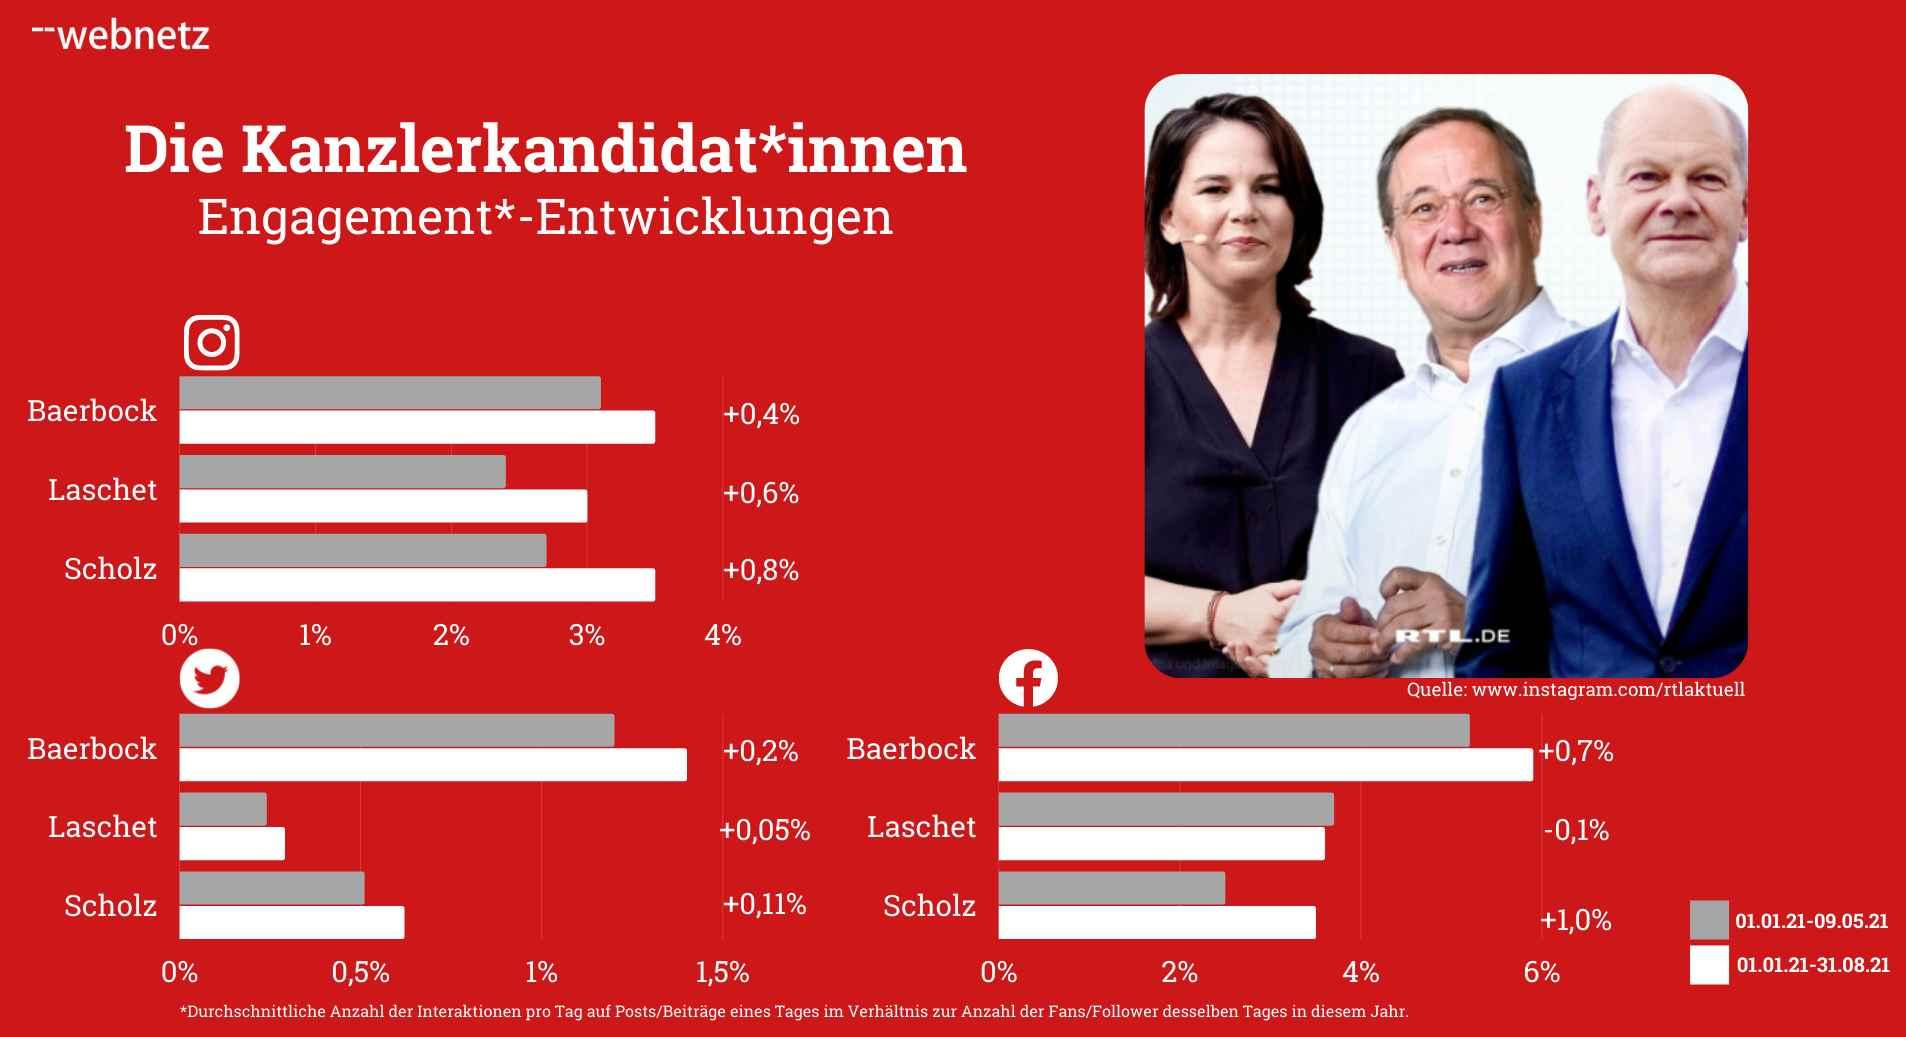 Engagement-Entwicklungen der Kanzlerkandidat*innen